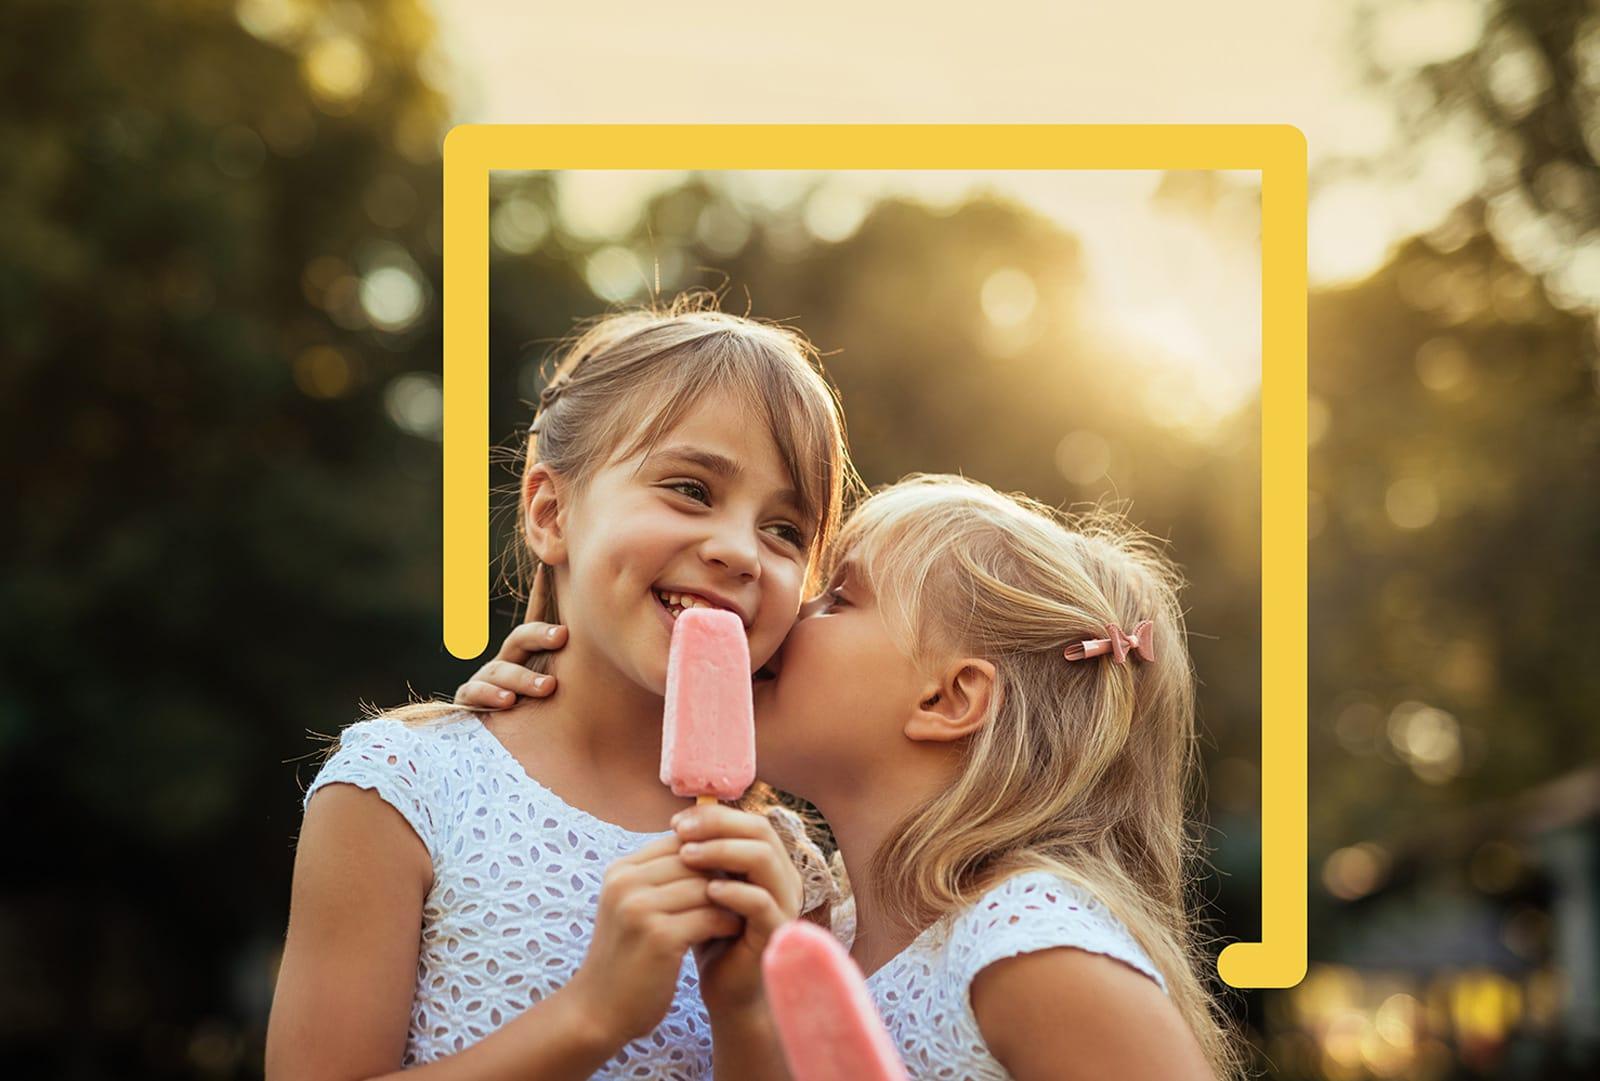 JUFA Hotels Branding Mädchen mit Eis